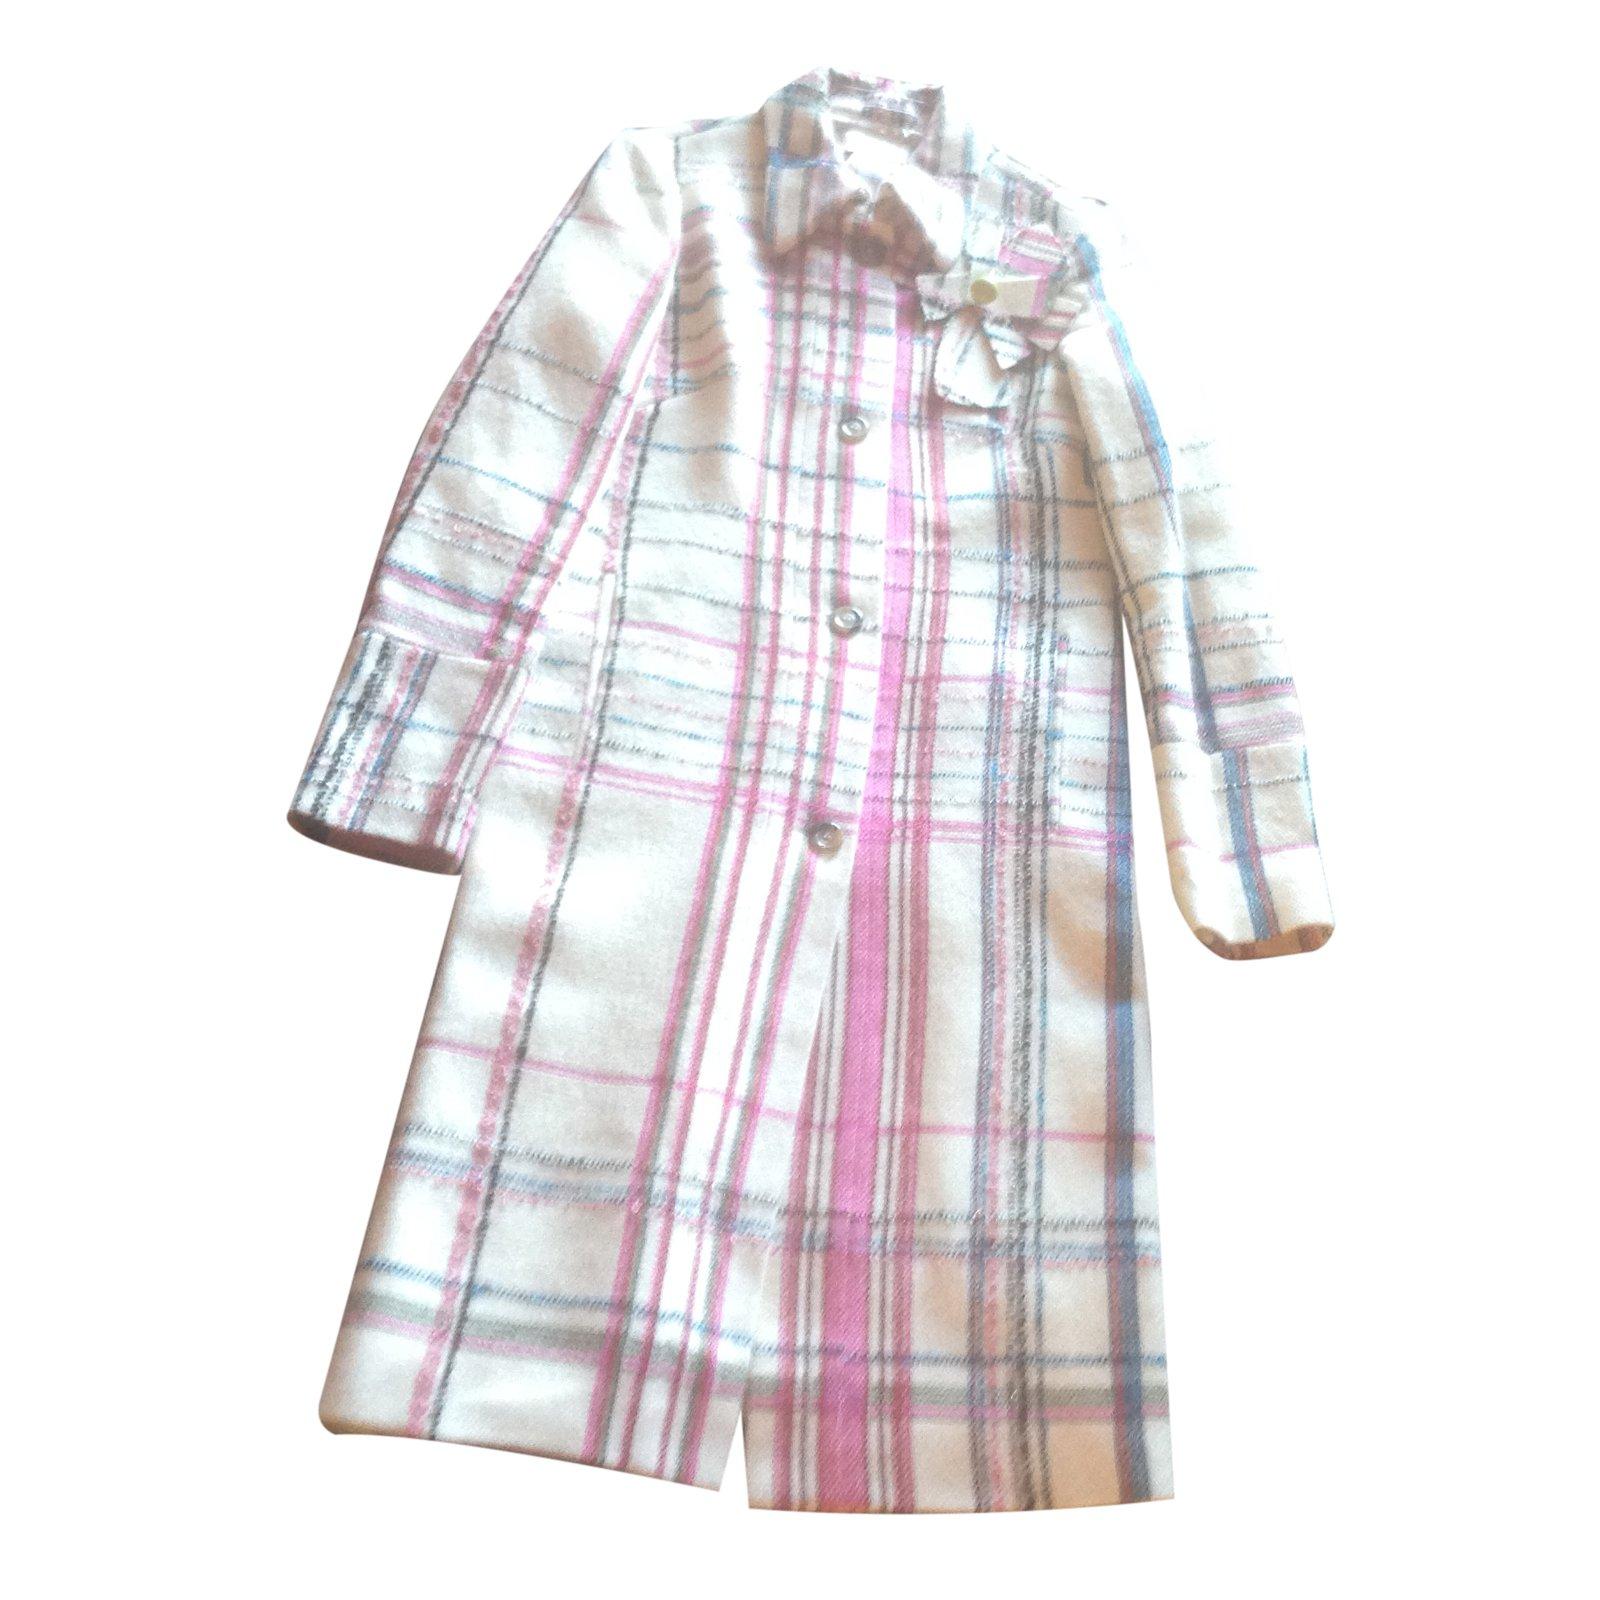 manteaux christian lacroix manteau laine multicolore ref.25182